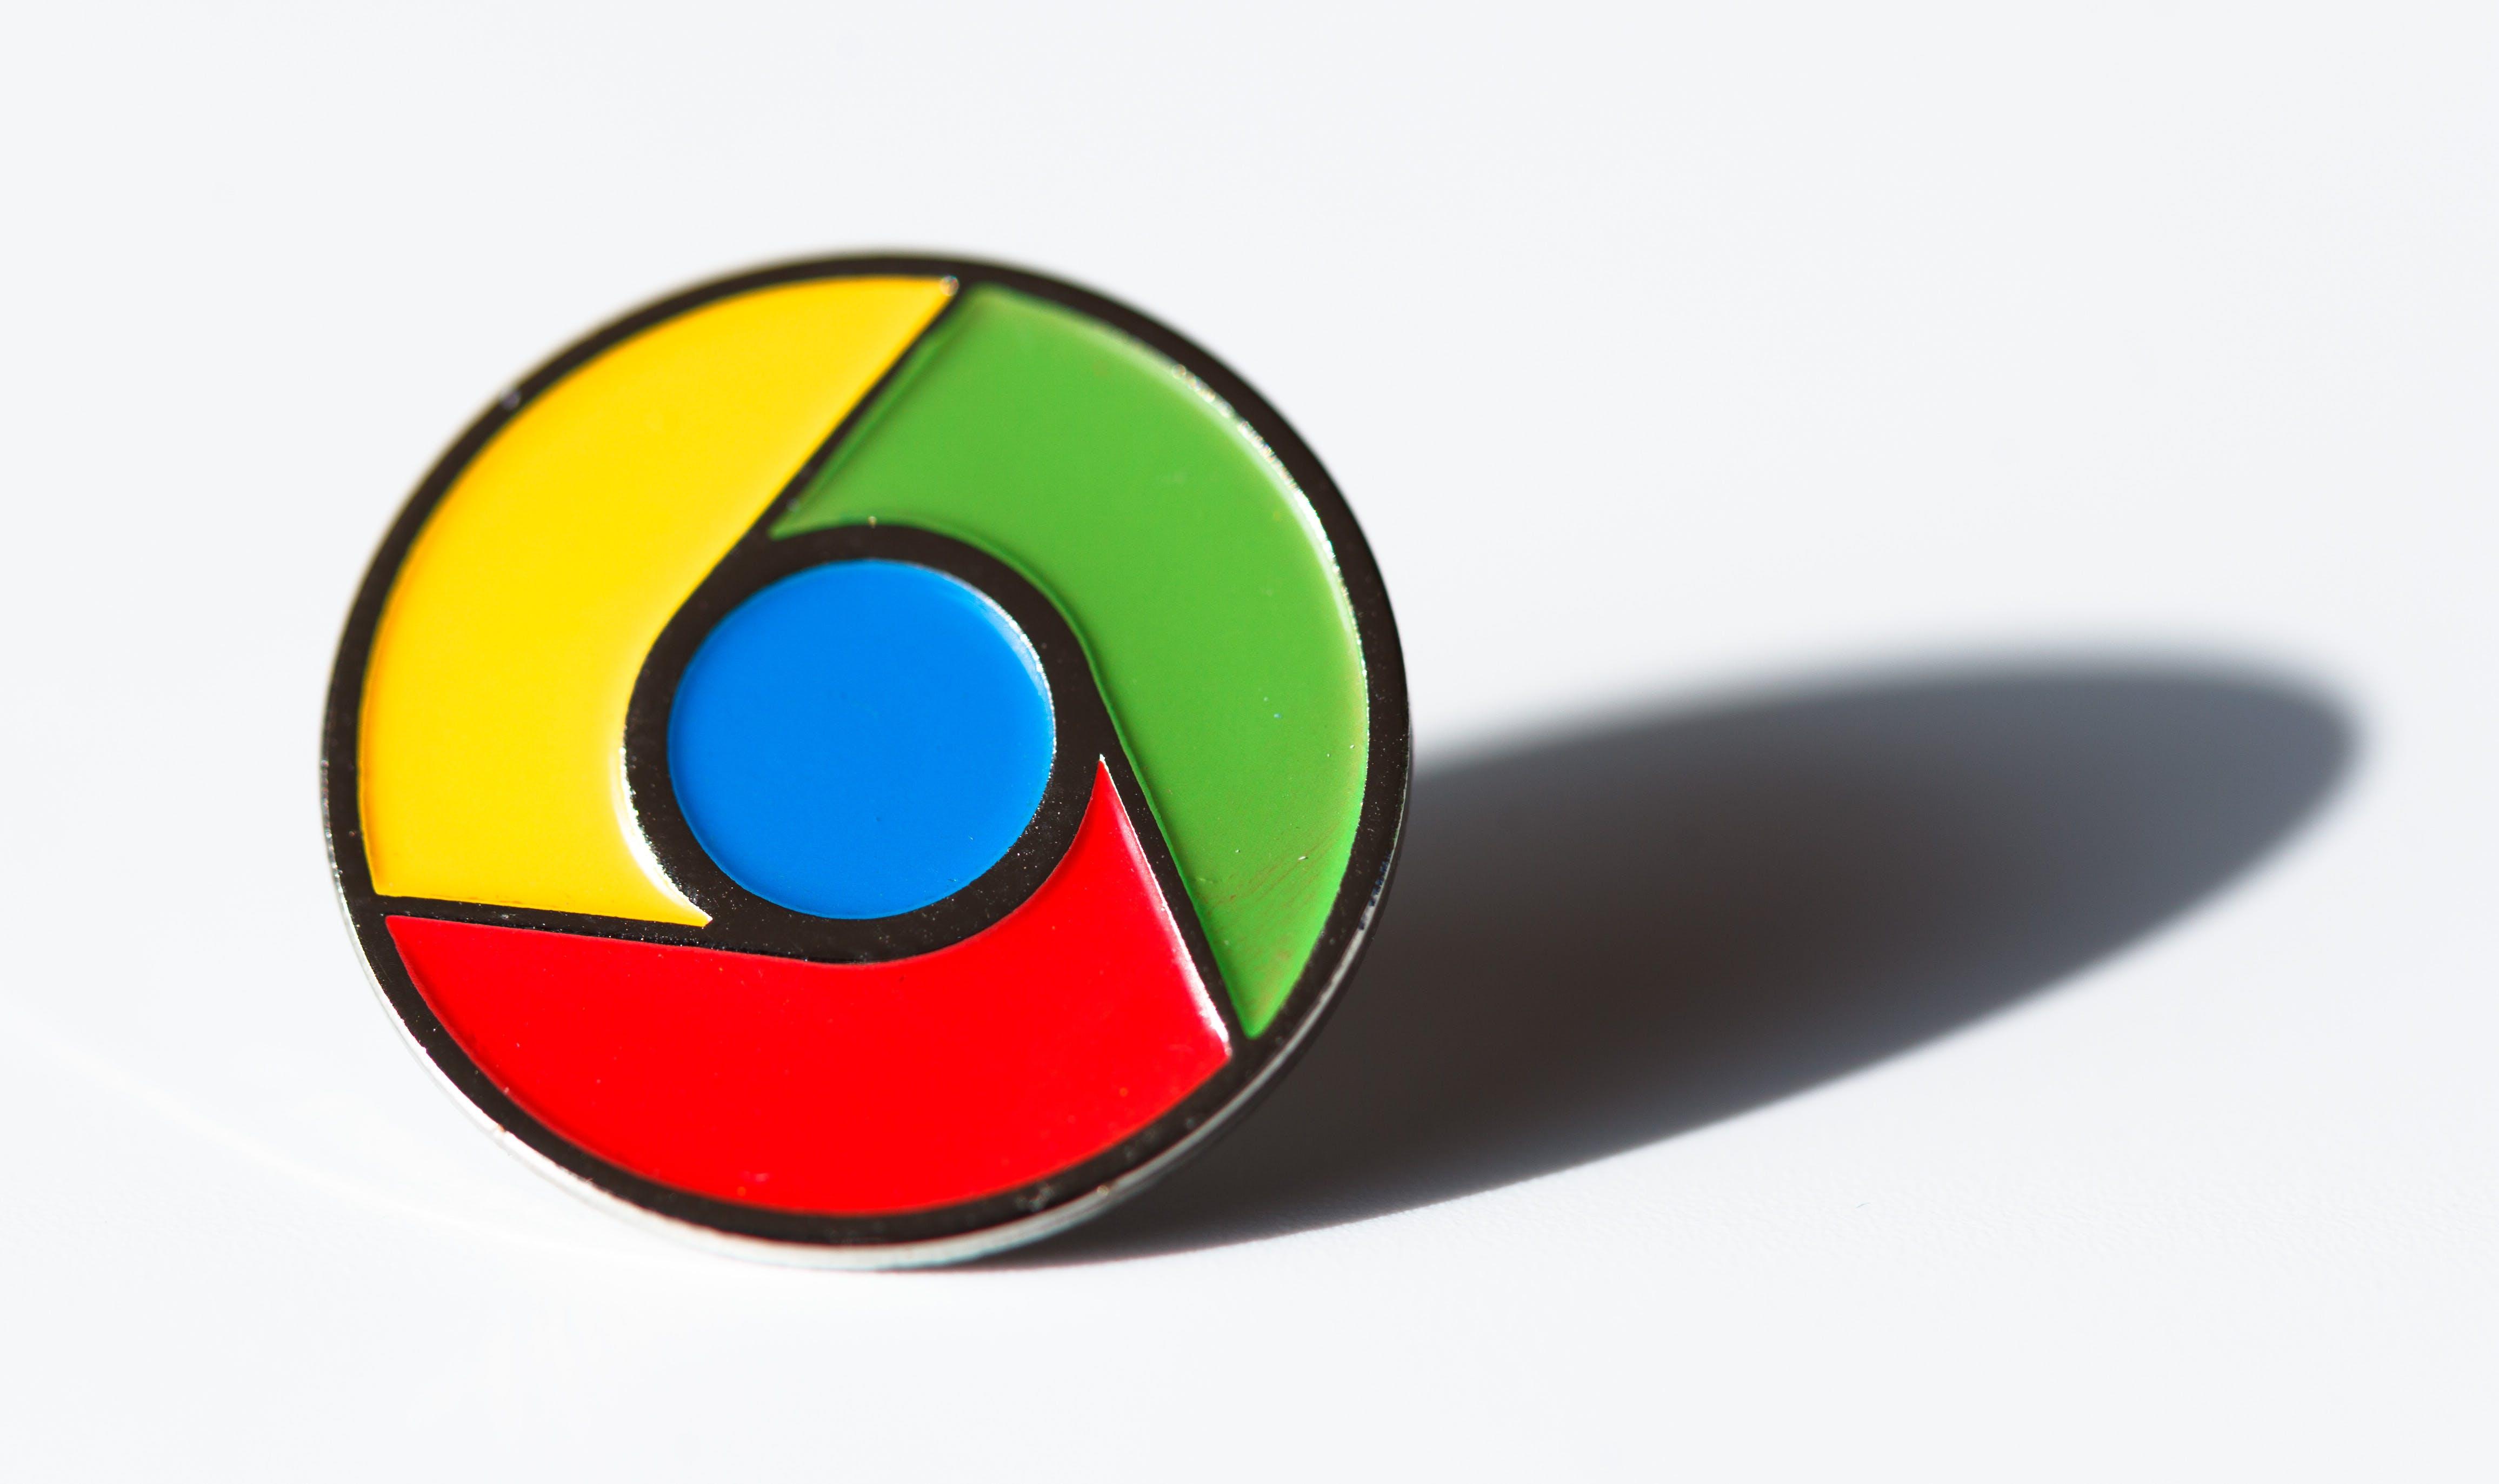 Leere Seiten bei Google-Suche in Chrome - so löst ihr das Problem